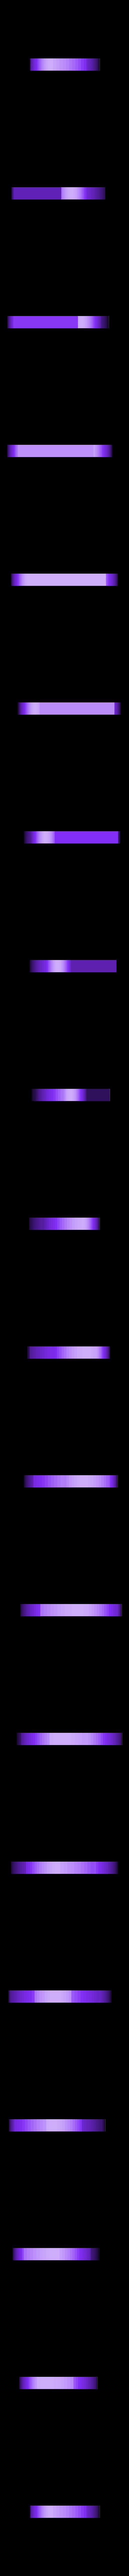 CorporaCavernosaRight.stl Télécharger fichier STL Puzzle de la section tranchée du clitoris • Plan pour impression 3D, 3D_Maniac